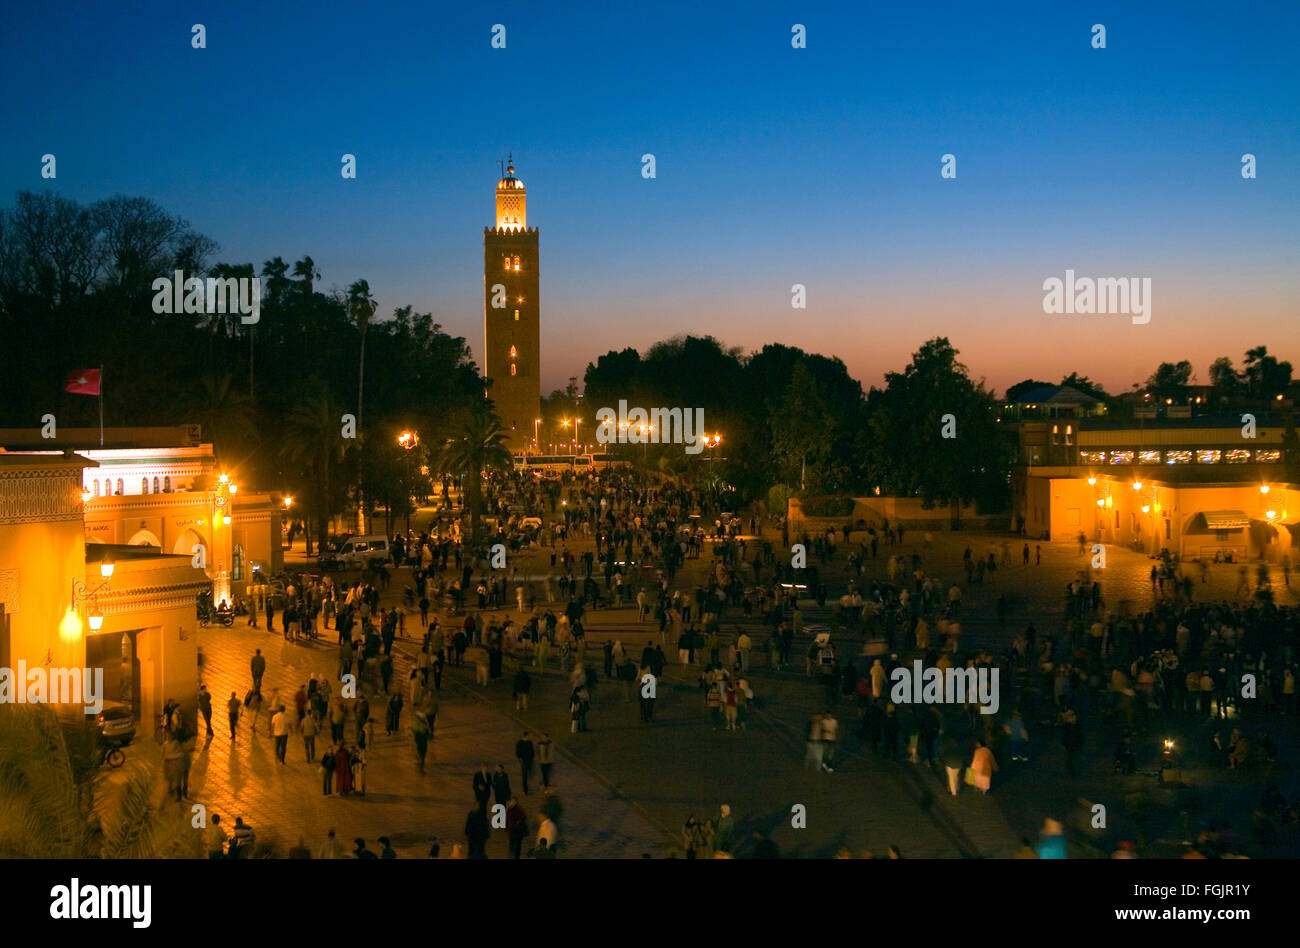 La Moschea di Koutoubia e la Piazza Jemaa El Fna a Marrakech in notturna. Il Marocco Immagini Stock